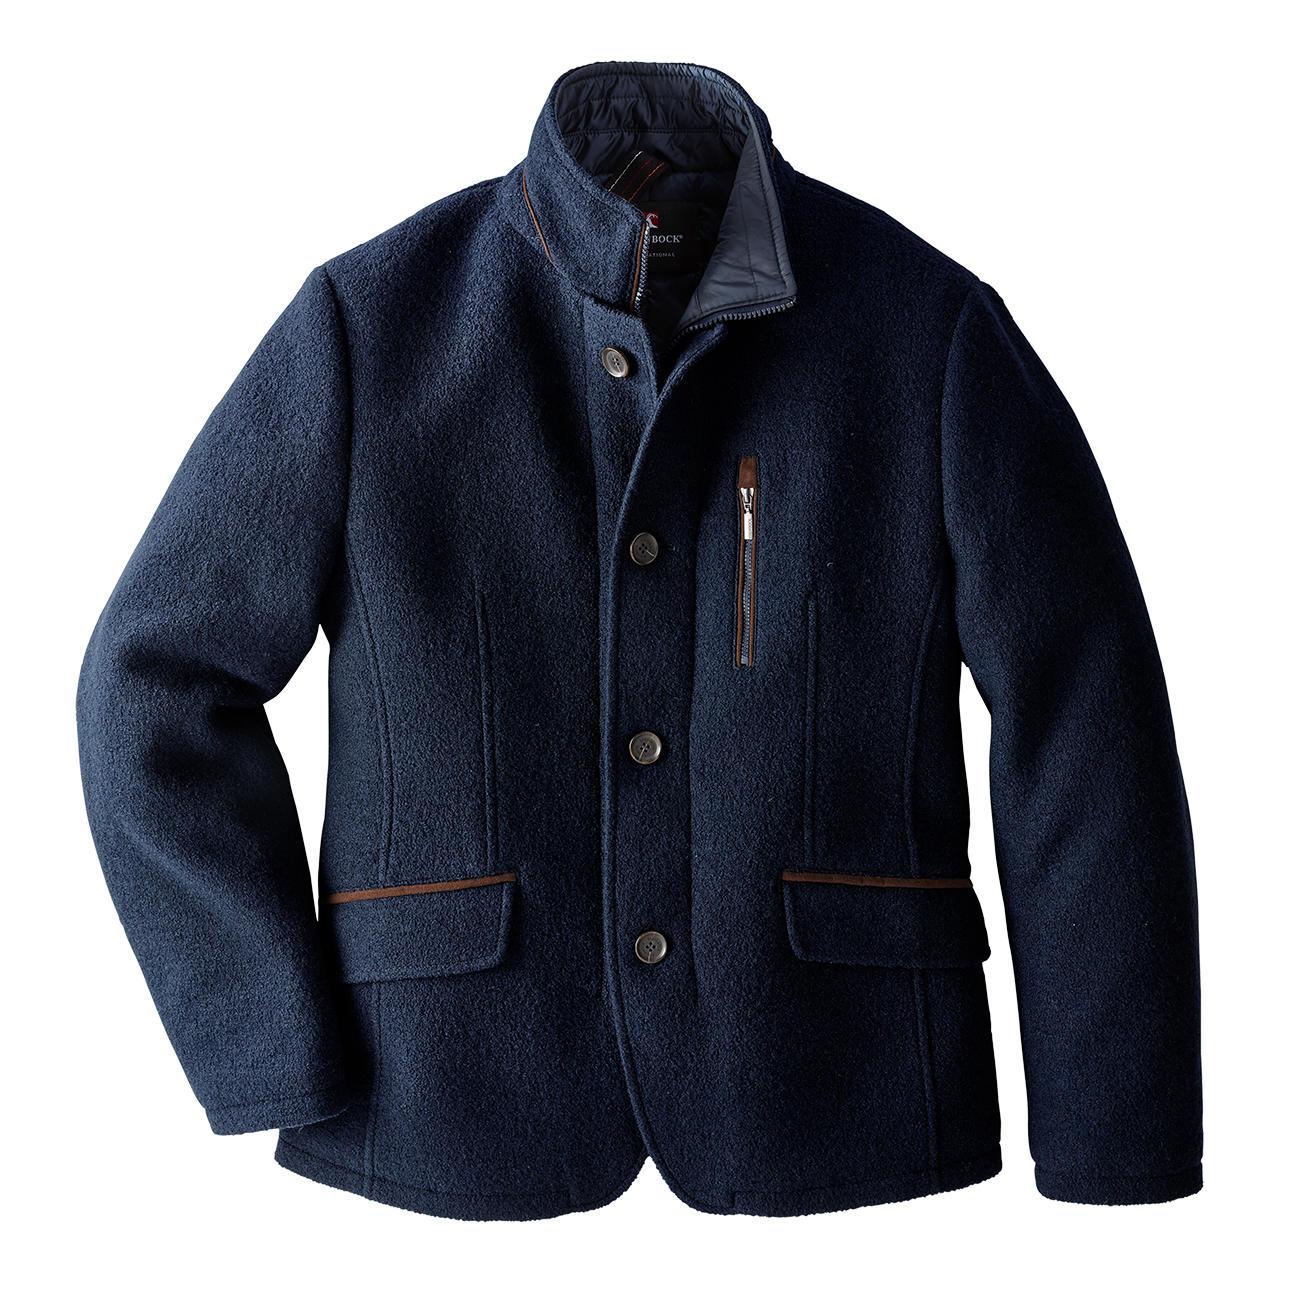 bieten eine große Auswahl an sale günstigster Preis Steinbock® Wollwalk-Sakko | Mode-Klassiker entdecken